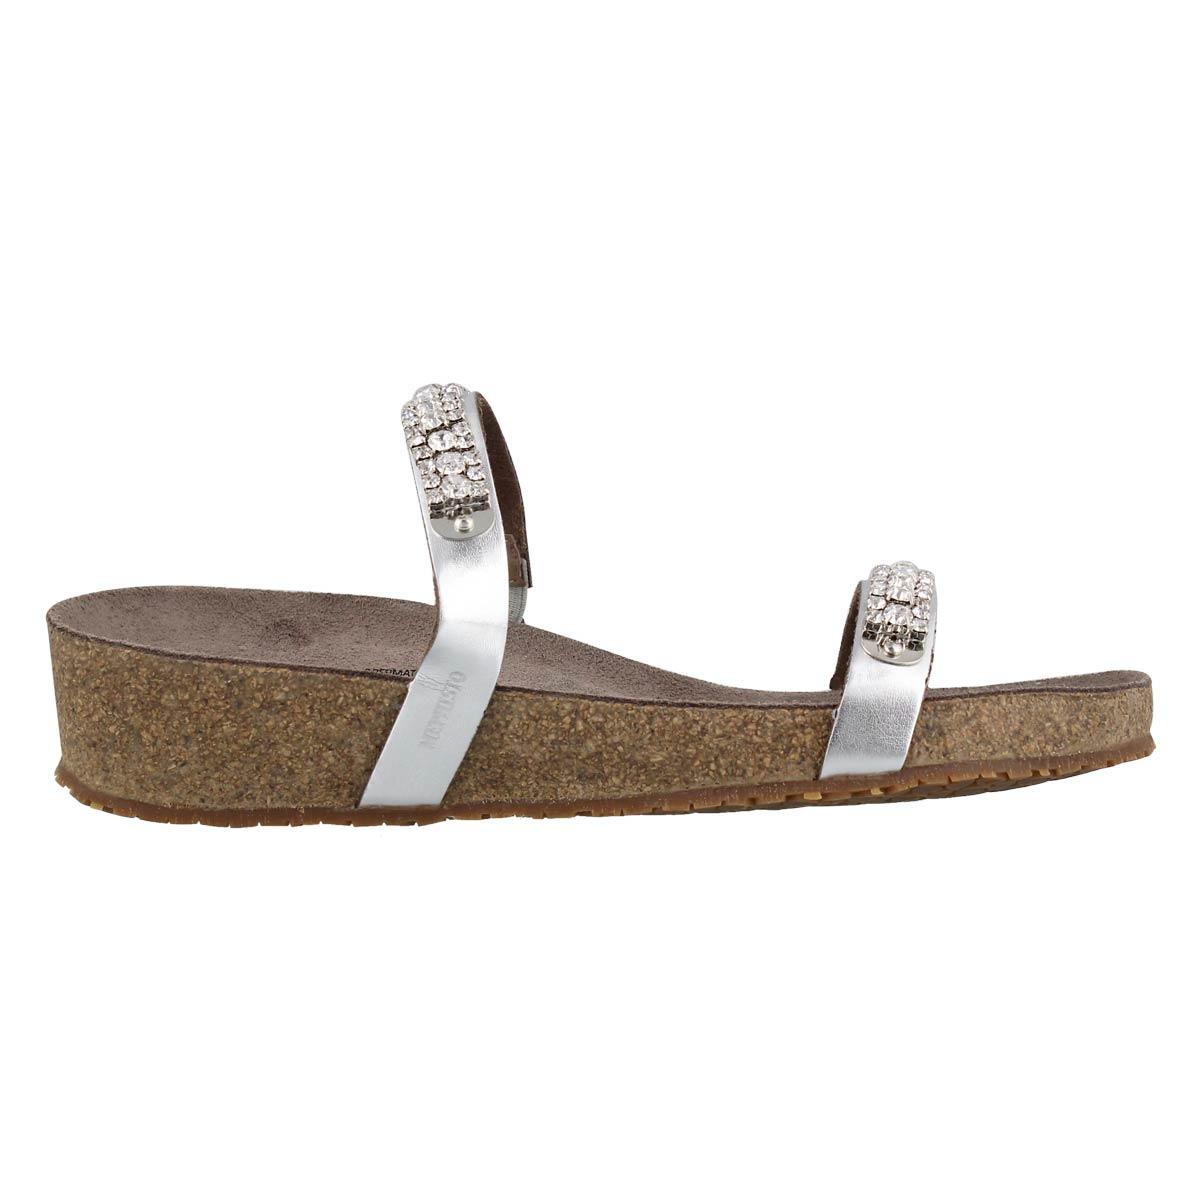 Lds Ivana slvr wedge cork footbed sandal